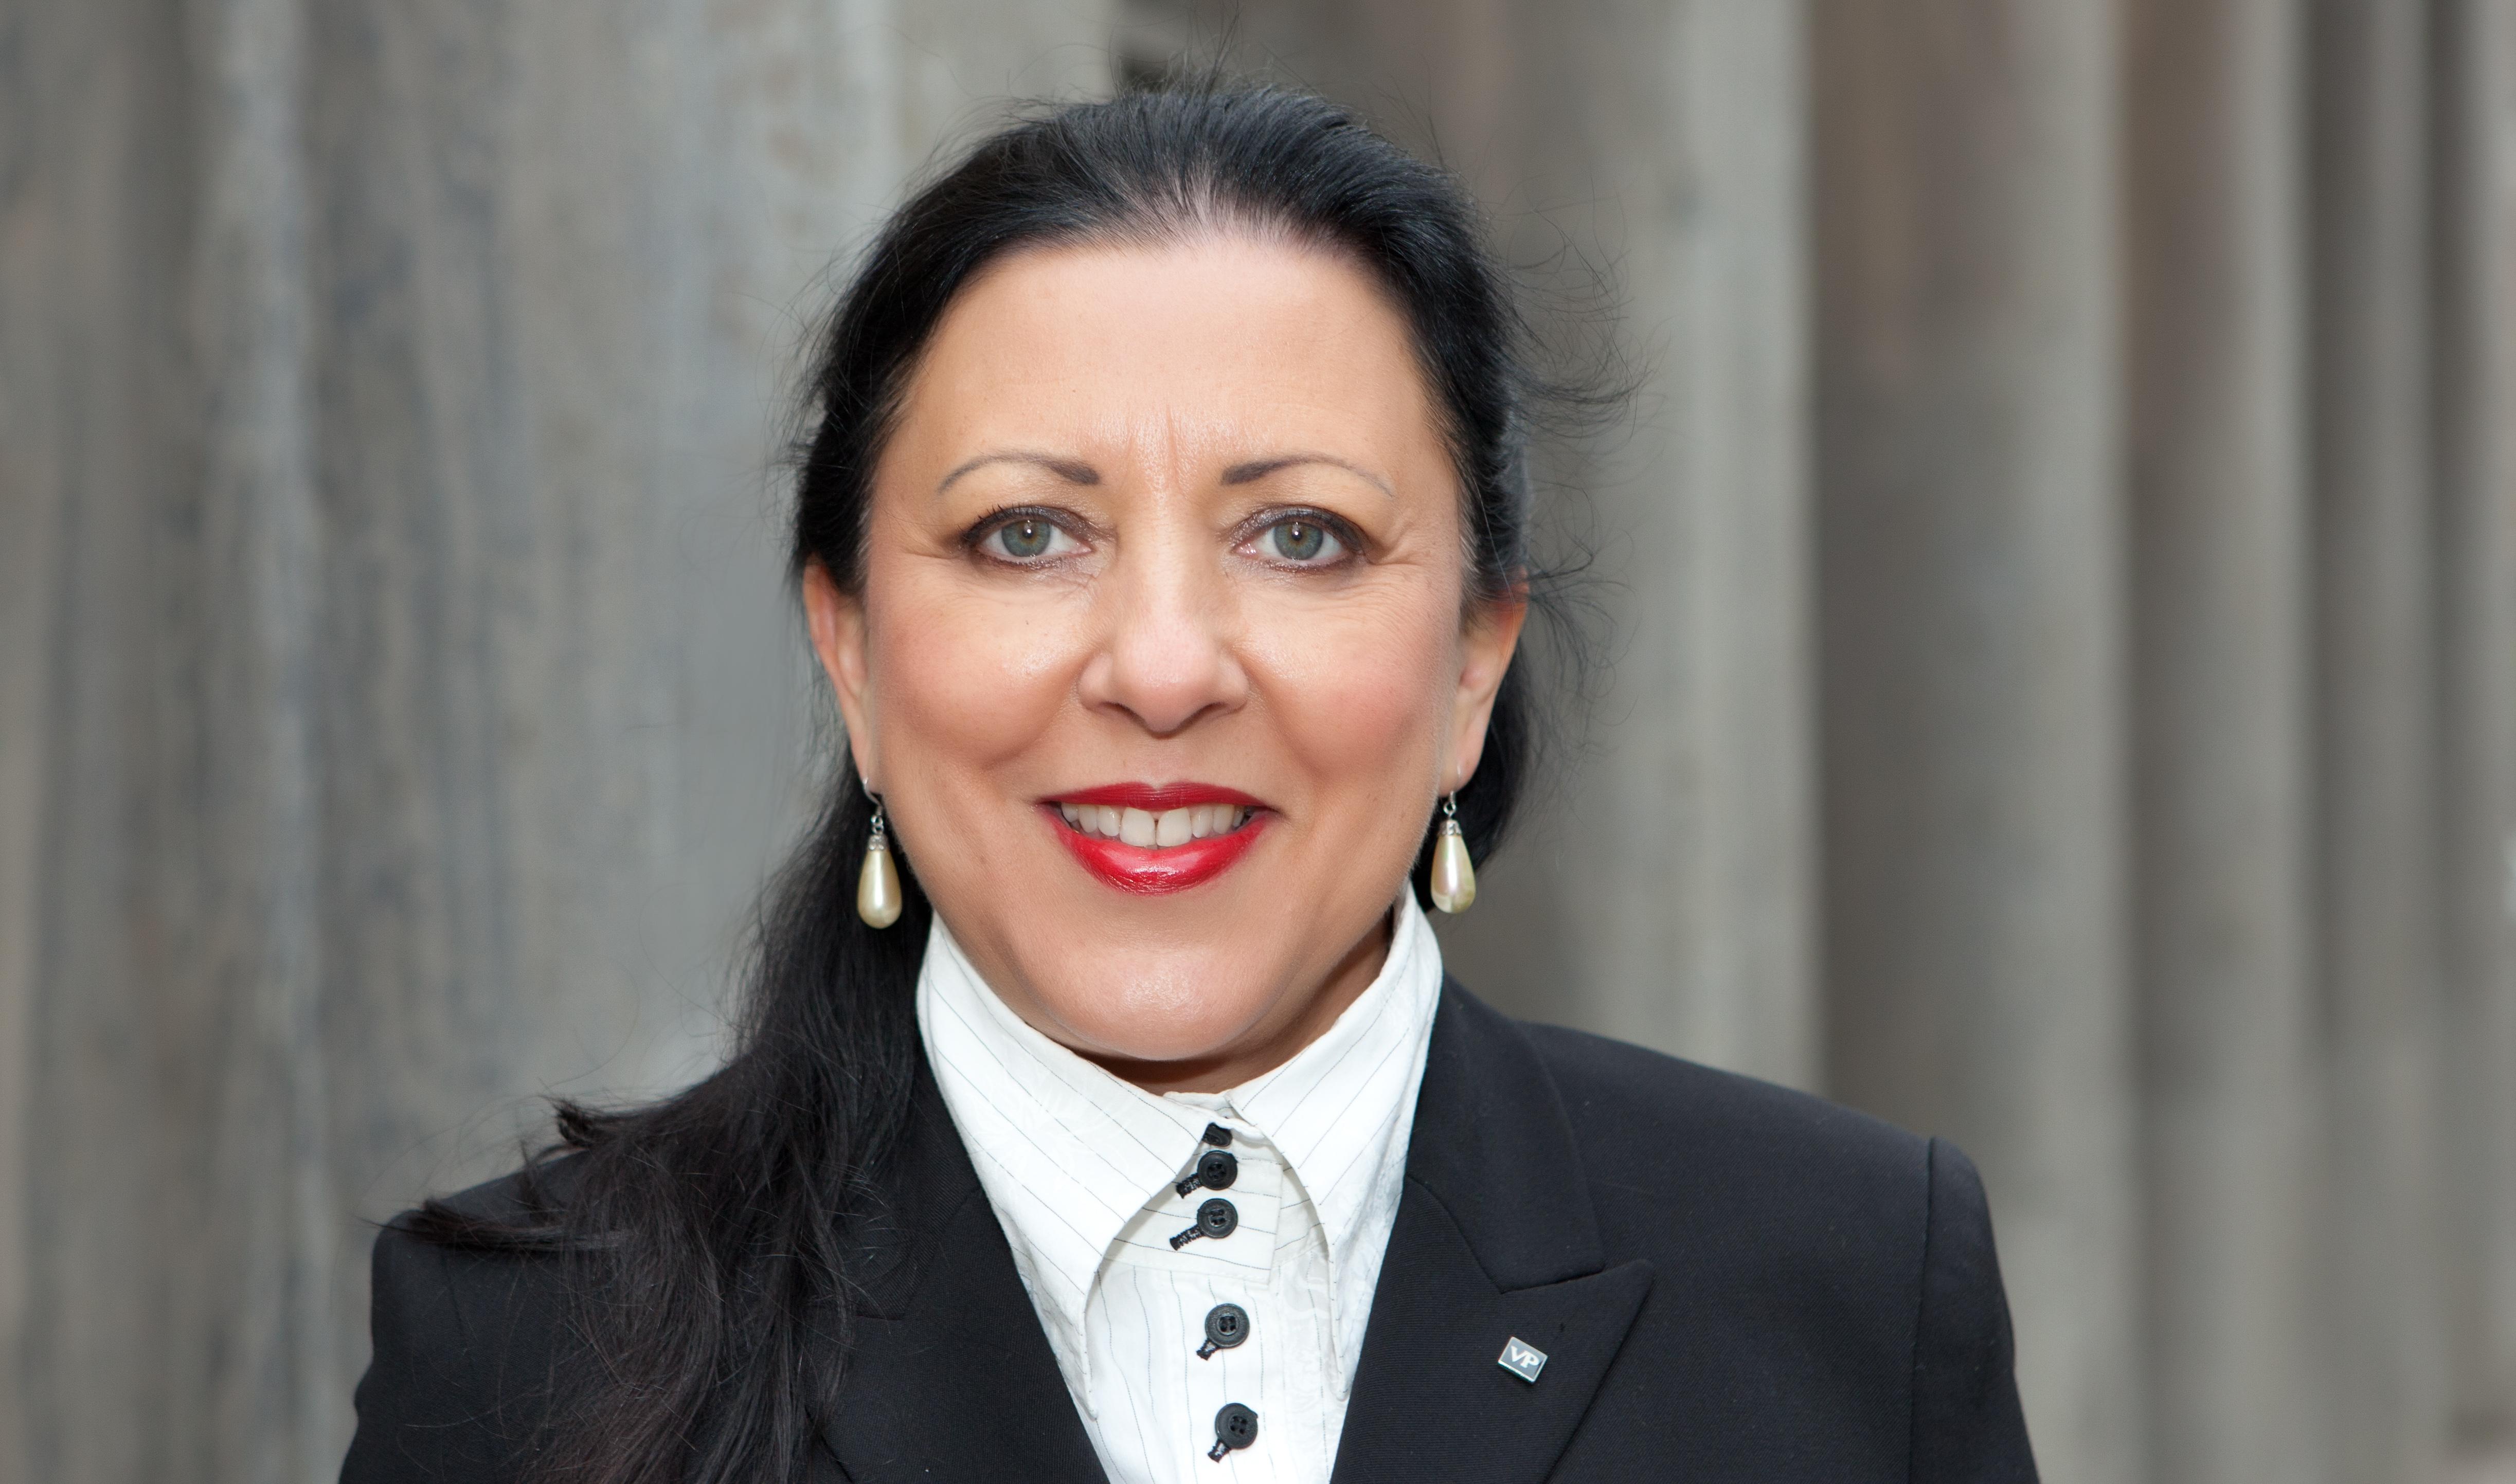 Evelyn Lemme-Kurschus - VON POLL IMMOBILIEN Berlin-Hermsdorf